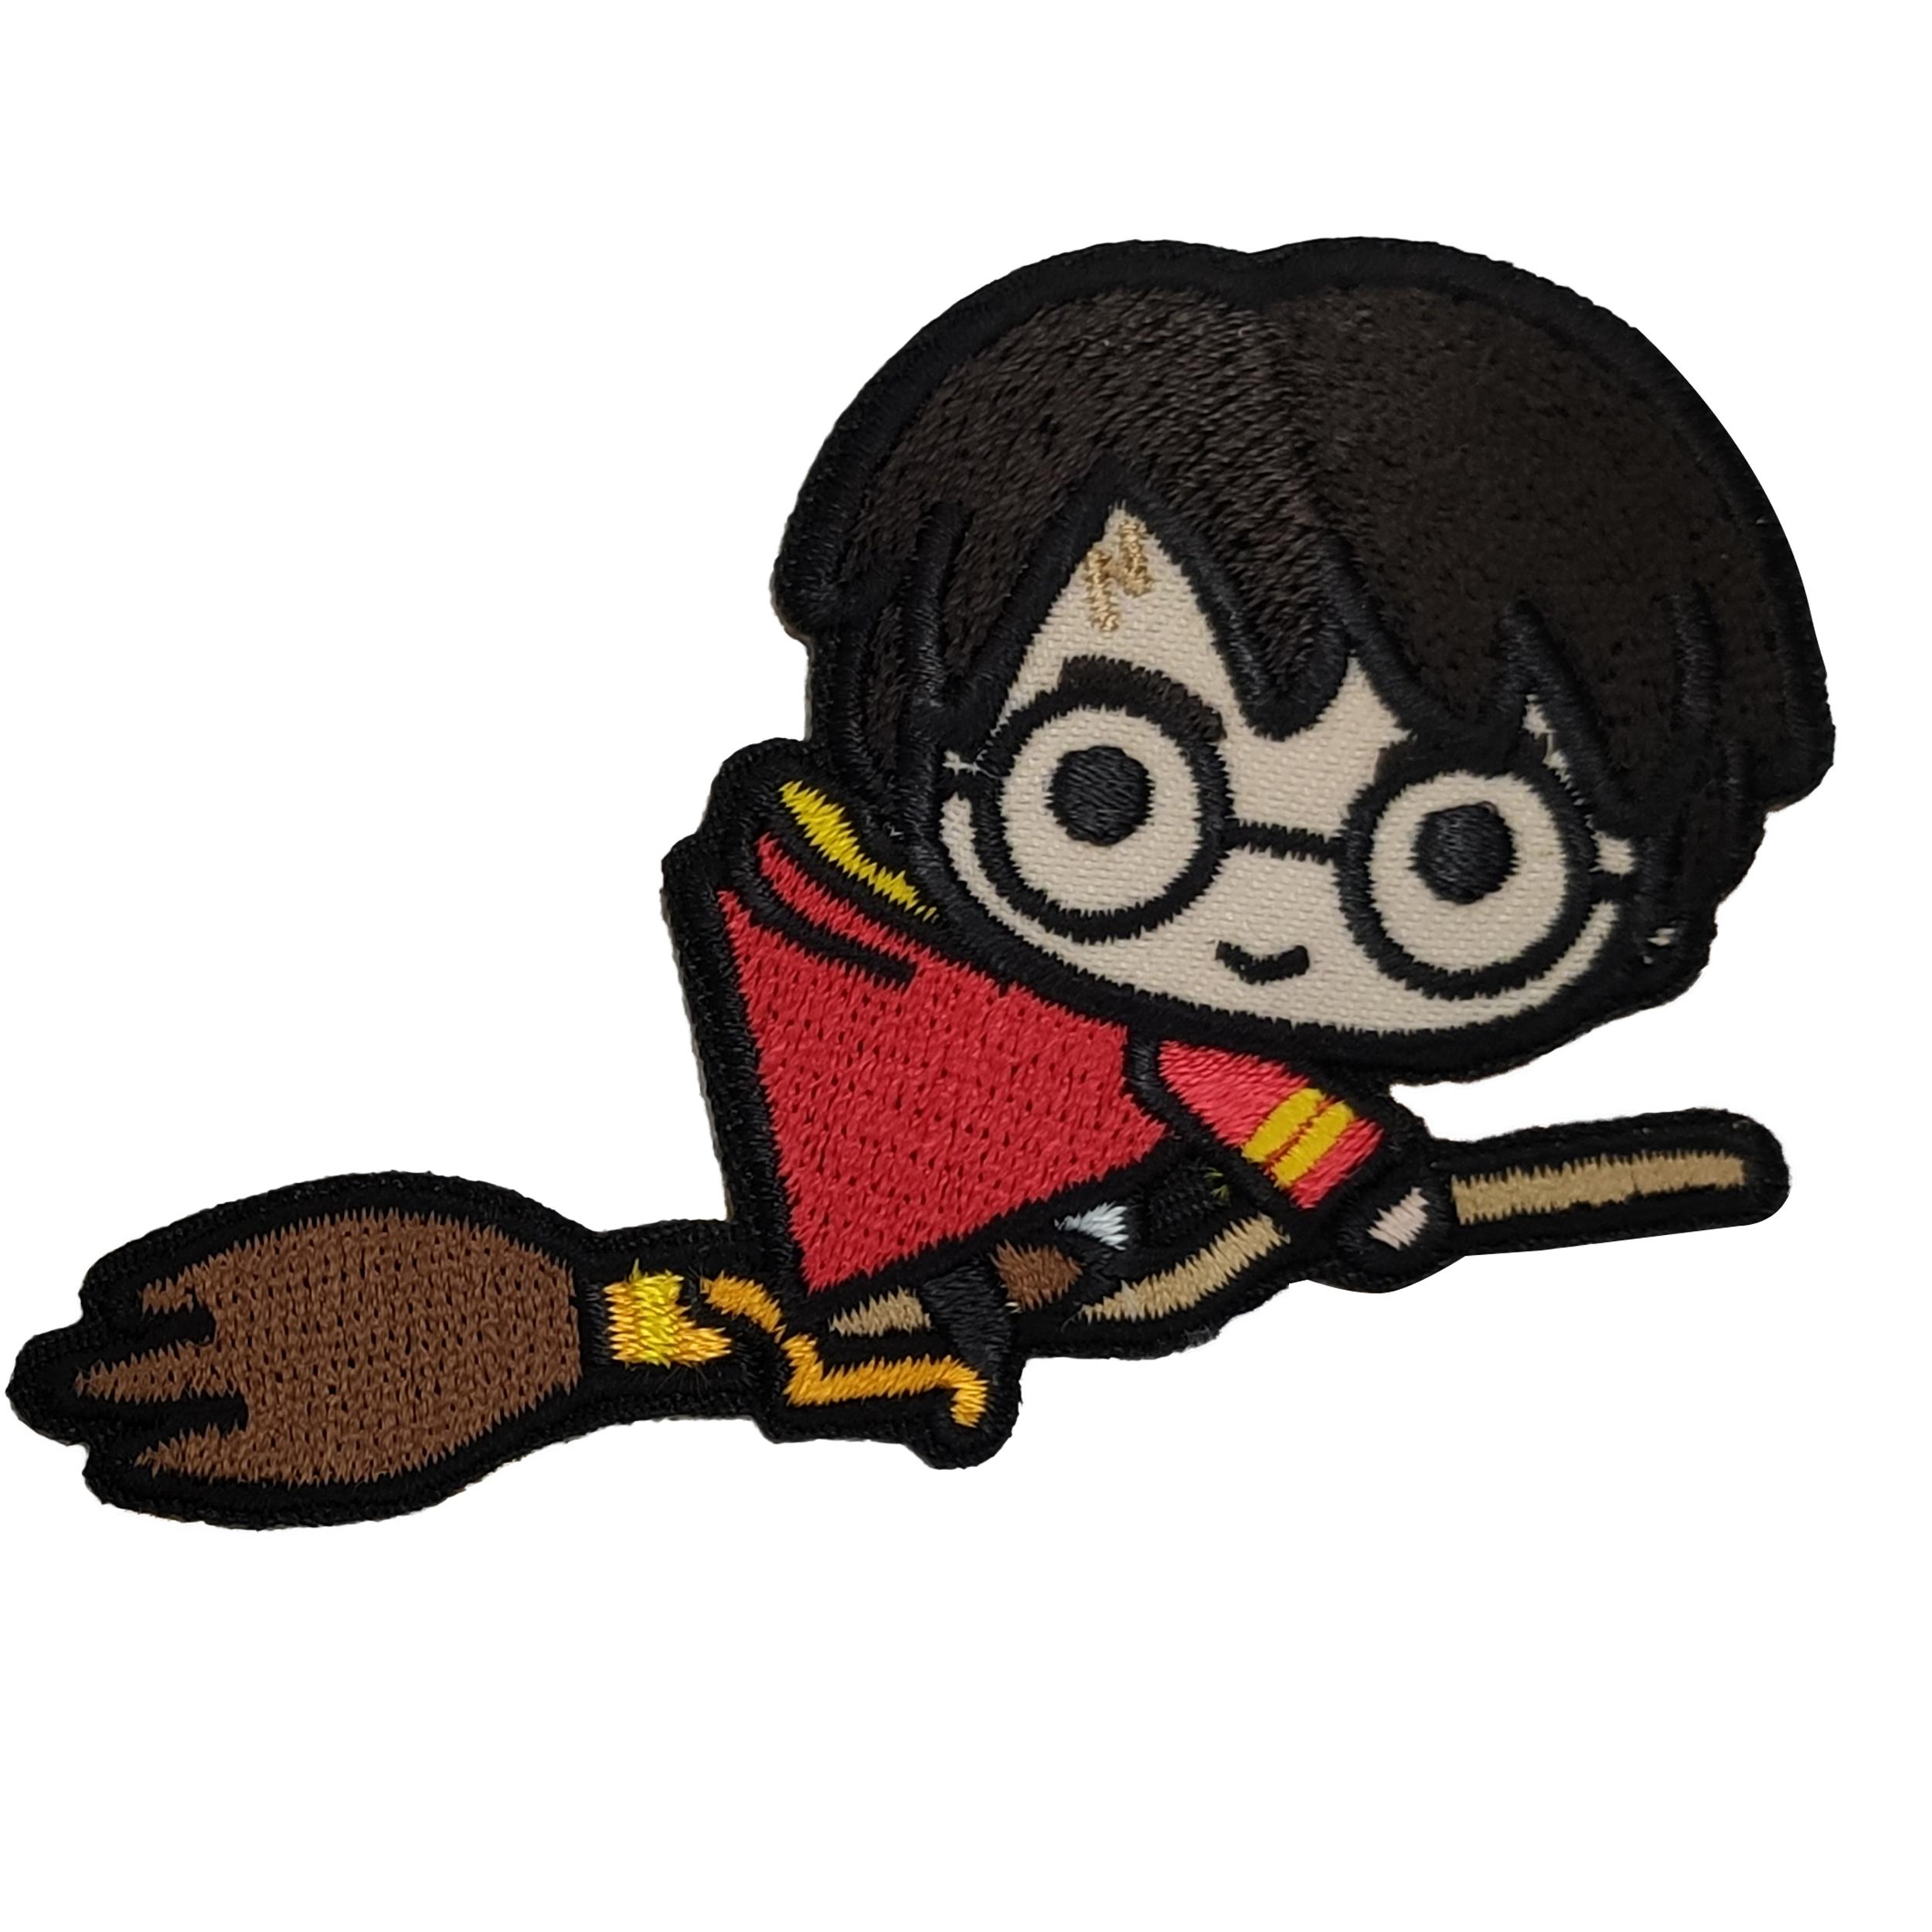 Applicazione Termoadesiva Marbet Harry Potter sulla Nimbus 2000